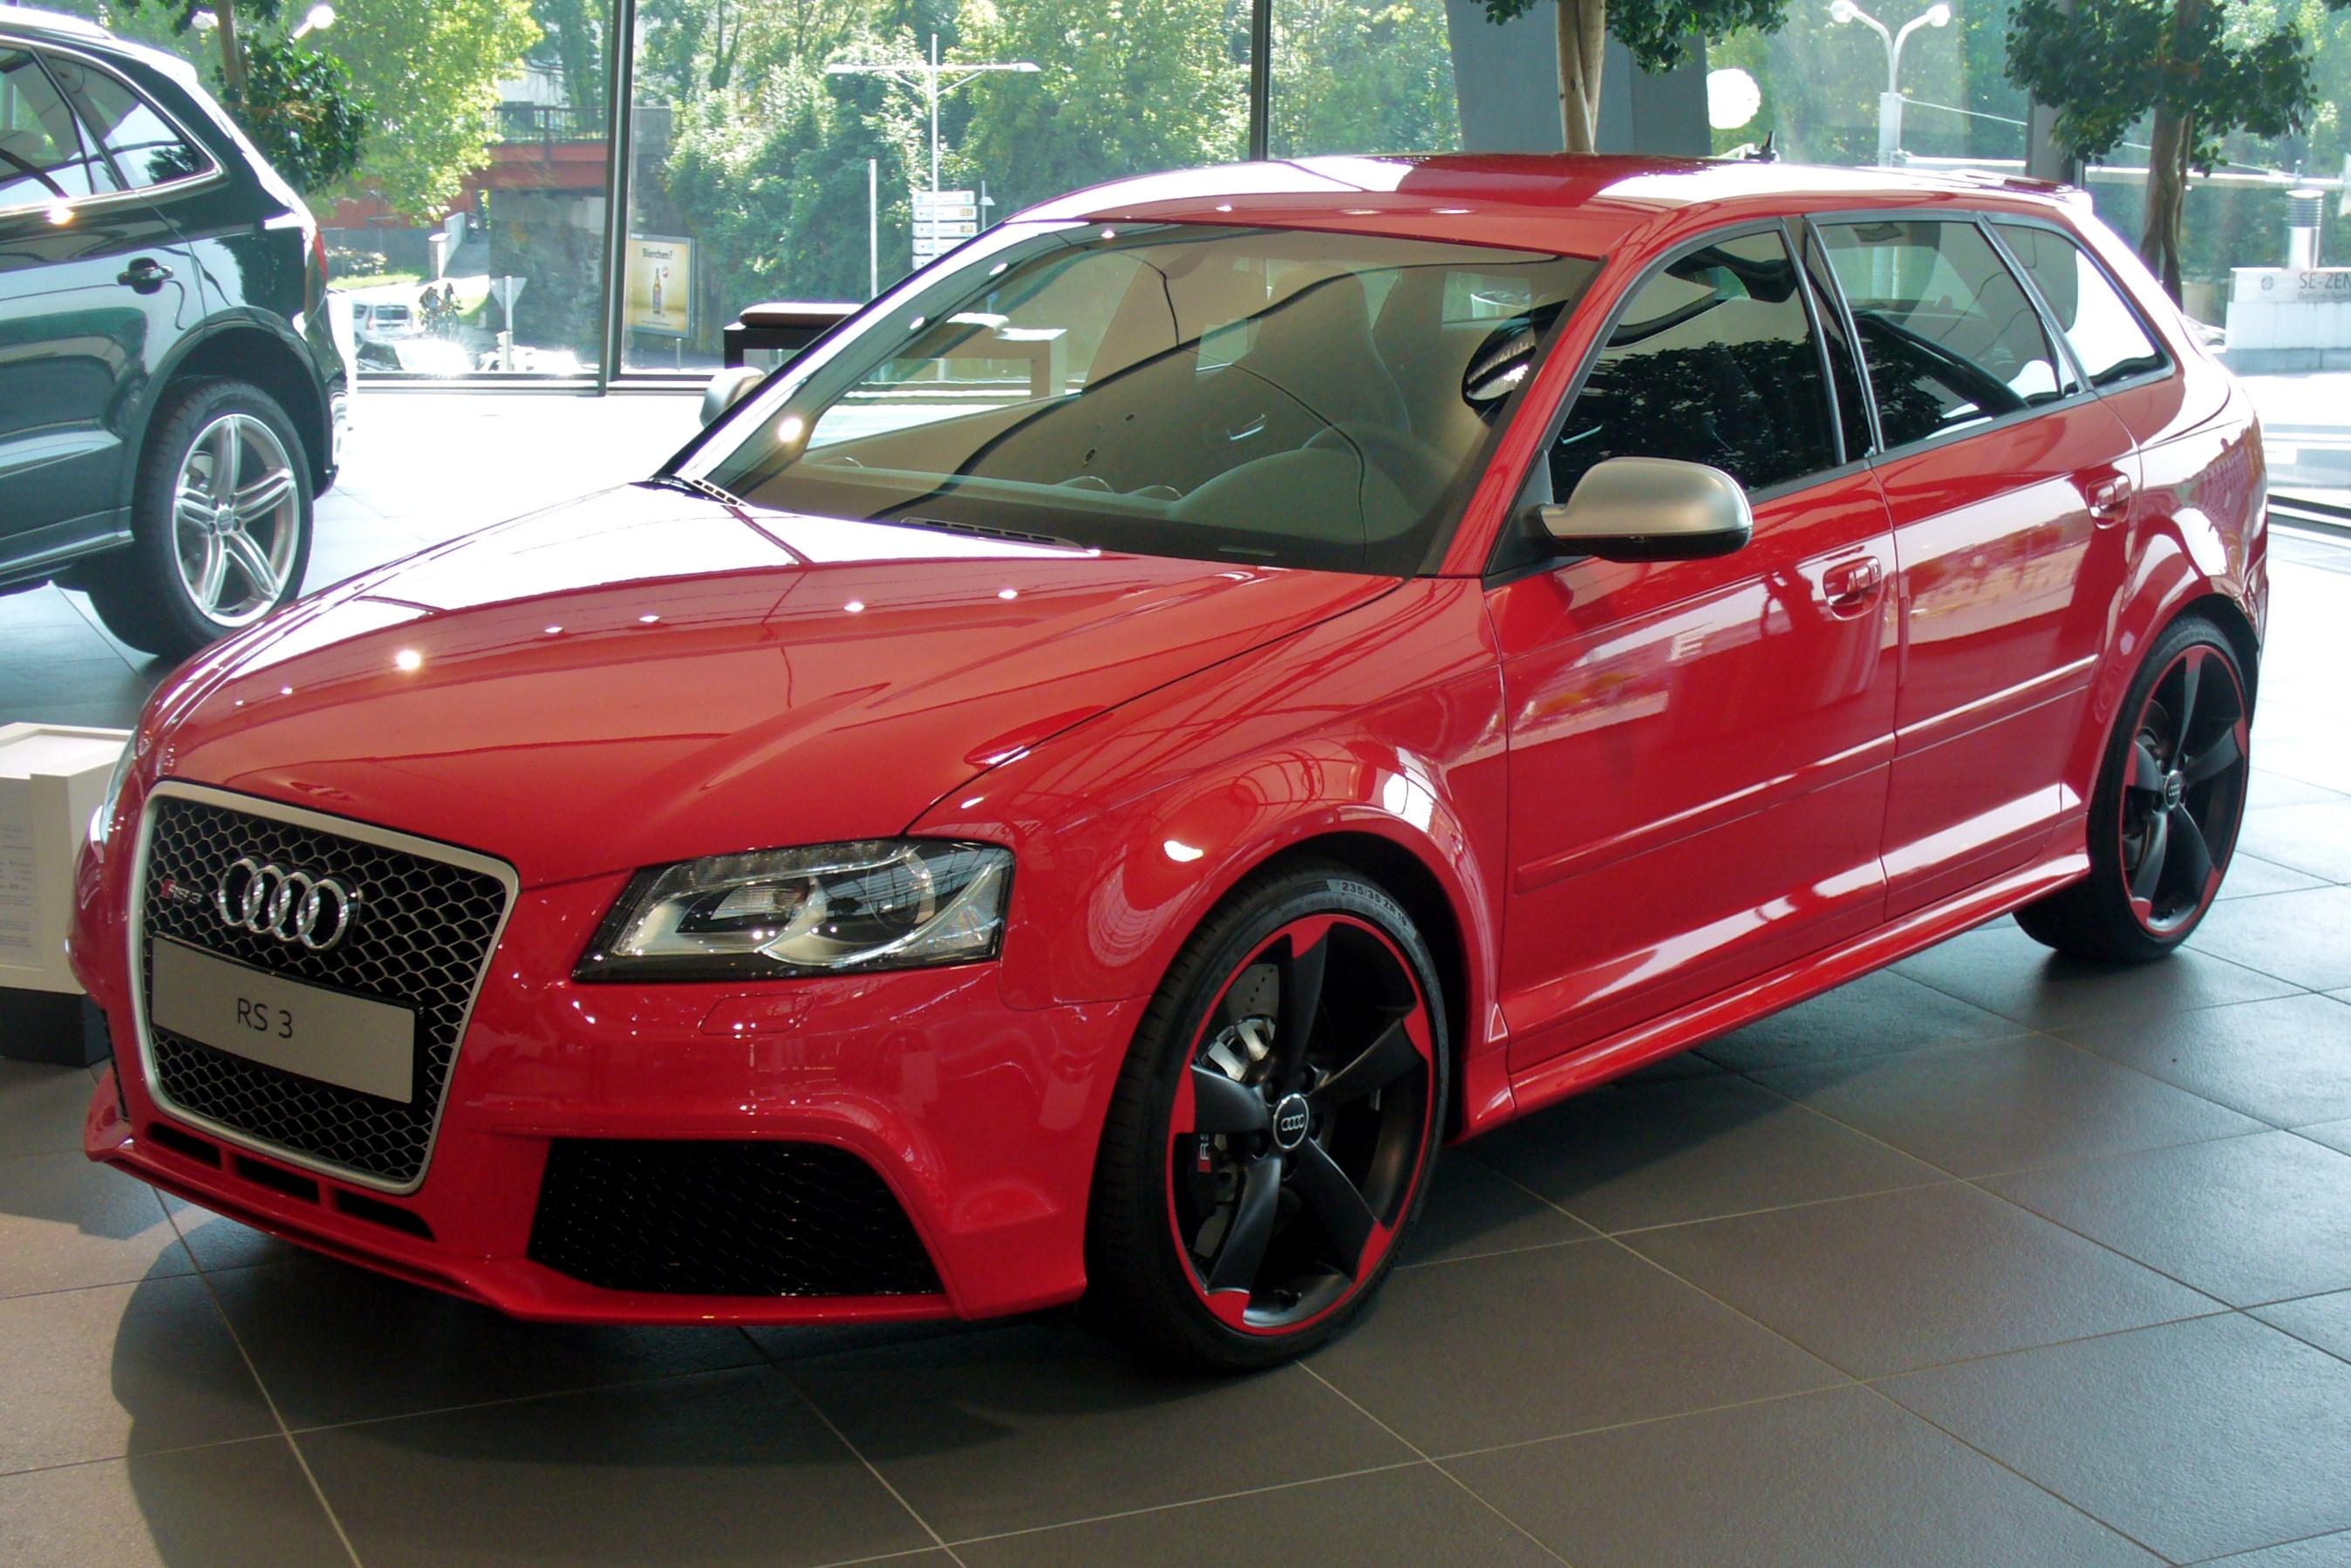 2018 Audi A3 Sedan quattro  Price amp Specs  Audi USA